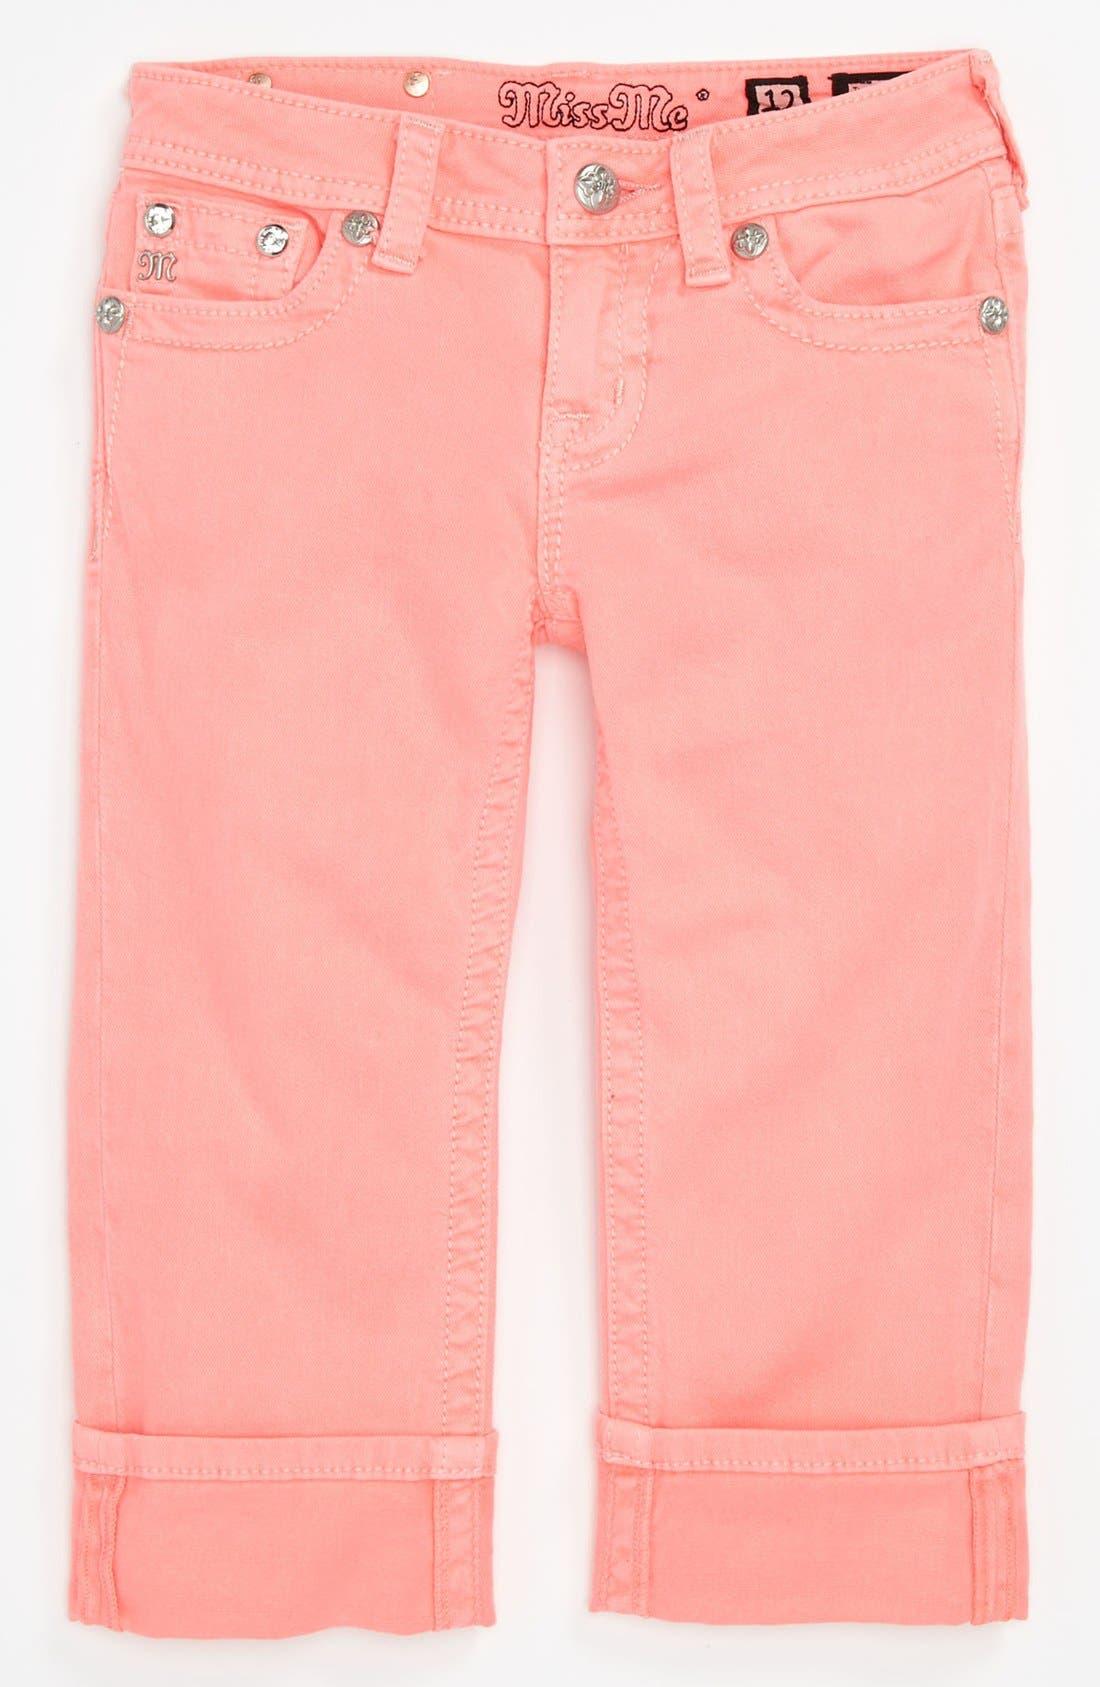 Alternate Image 1 Selected - Miss Me Capri Pants (Big Girls)